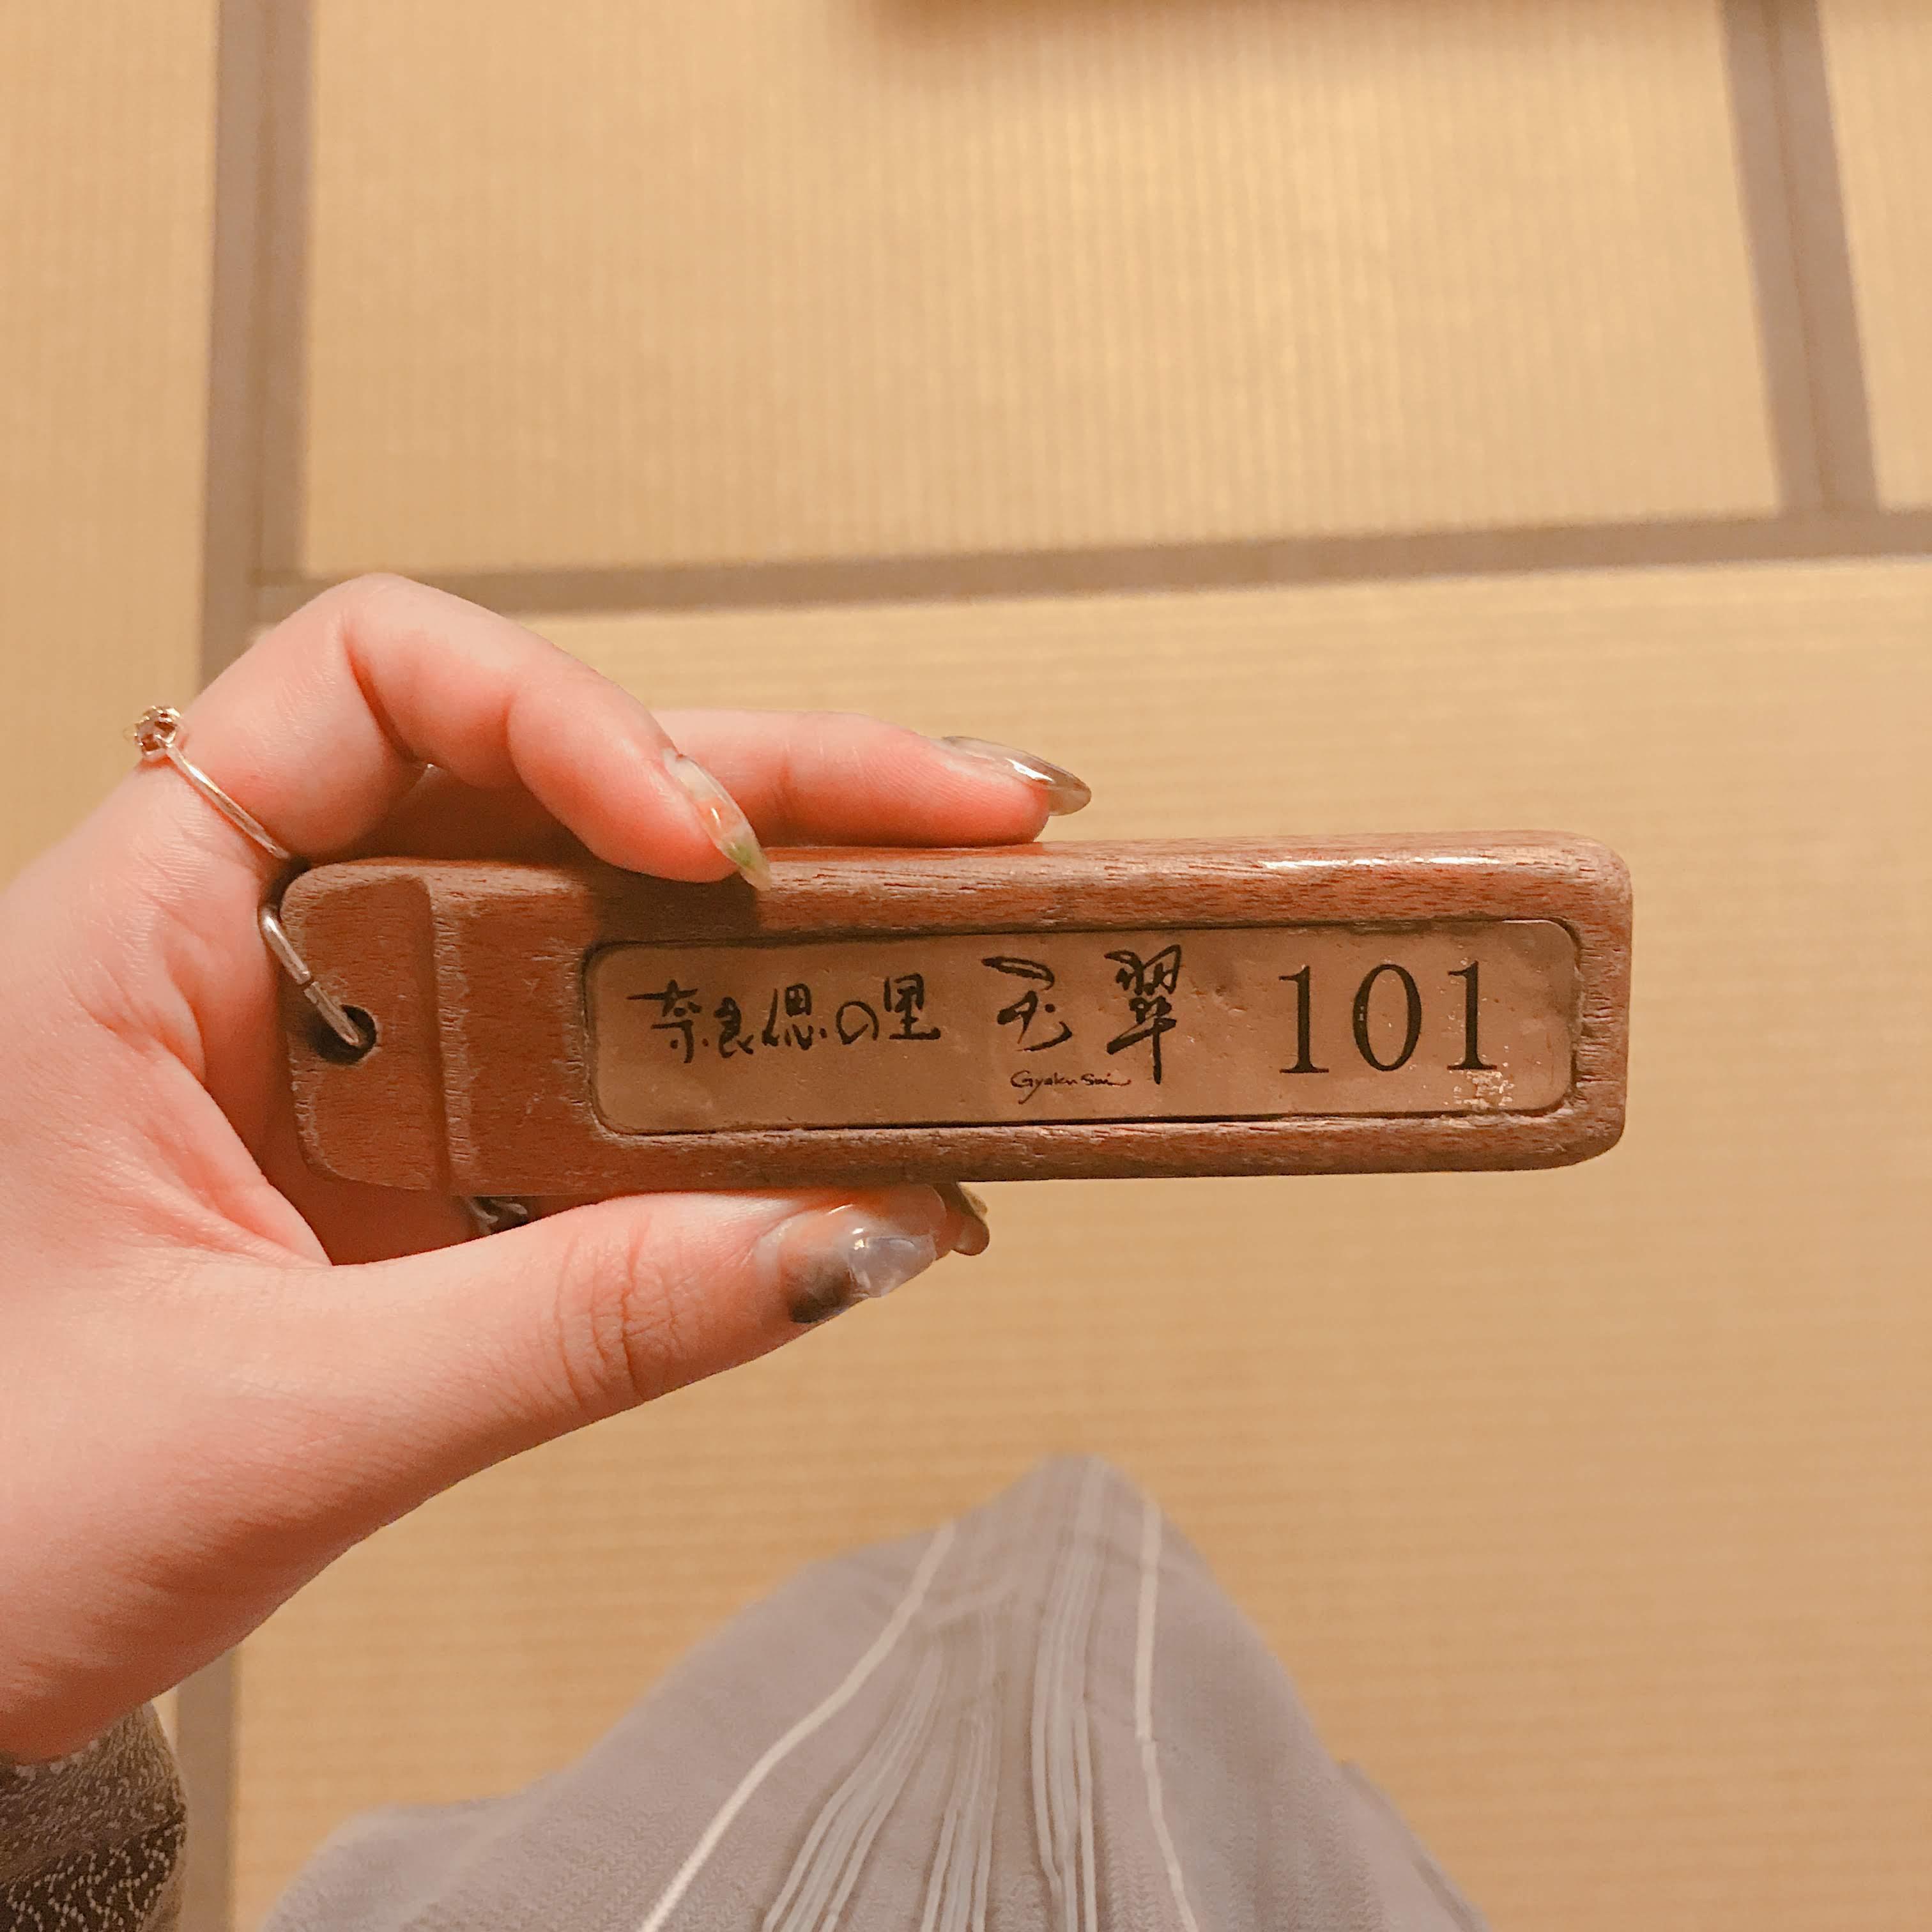 【女子旅におすすめ】わずか16部屋しかない伊豆の湯宿・玉翠のプライベート空間で満喫_8